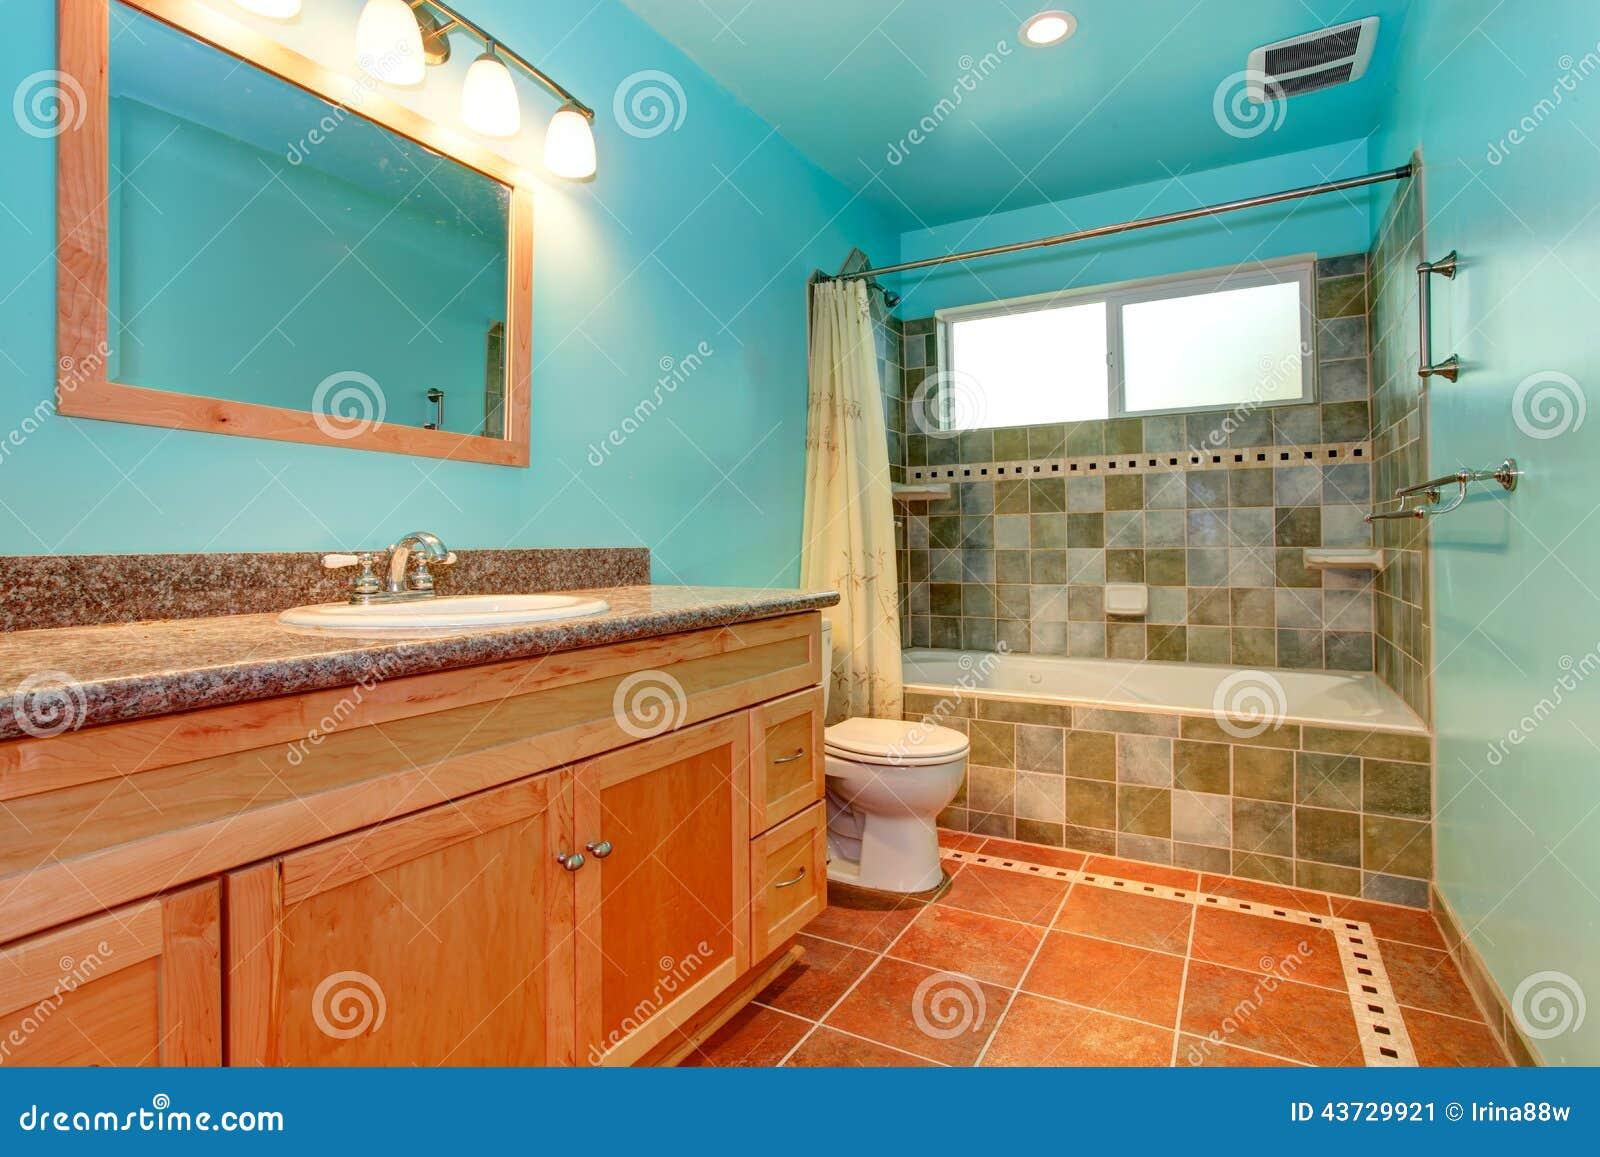 Couleur Vert Salle De Bain salle de bains dans la couleur bleue lumineuse avec l